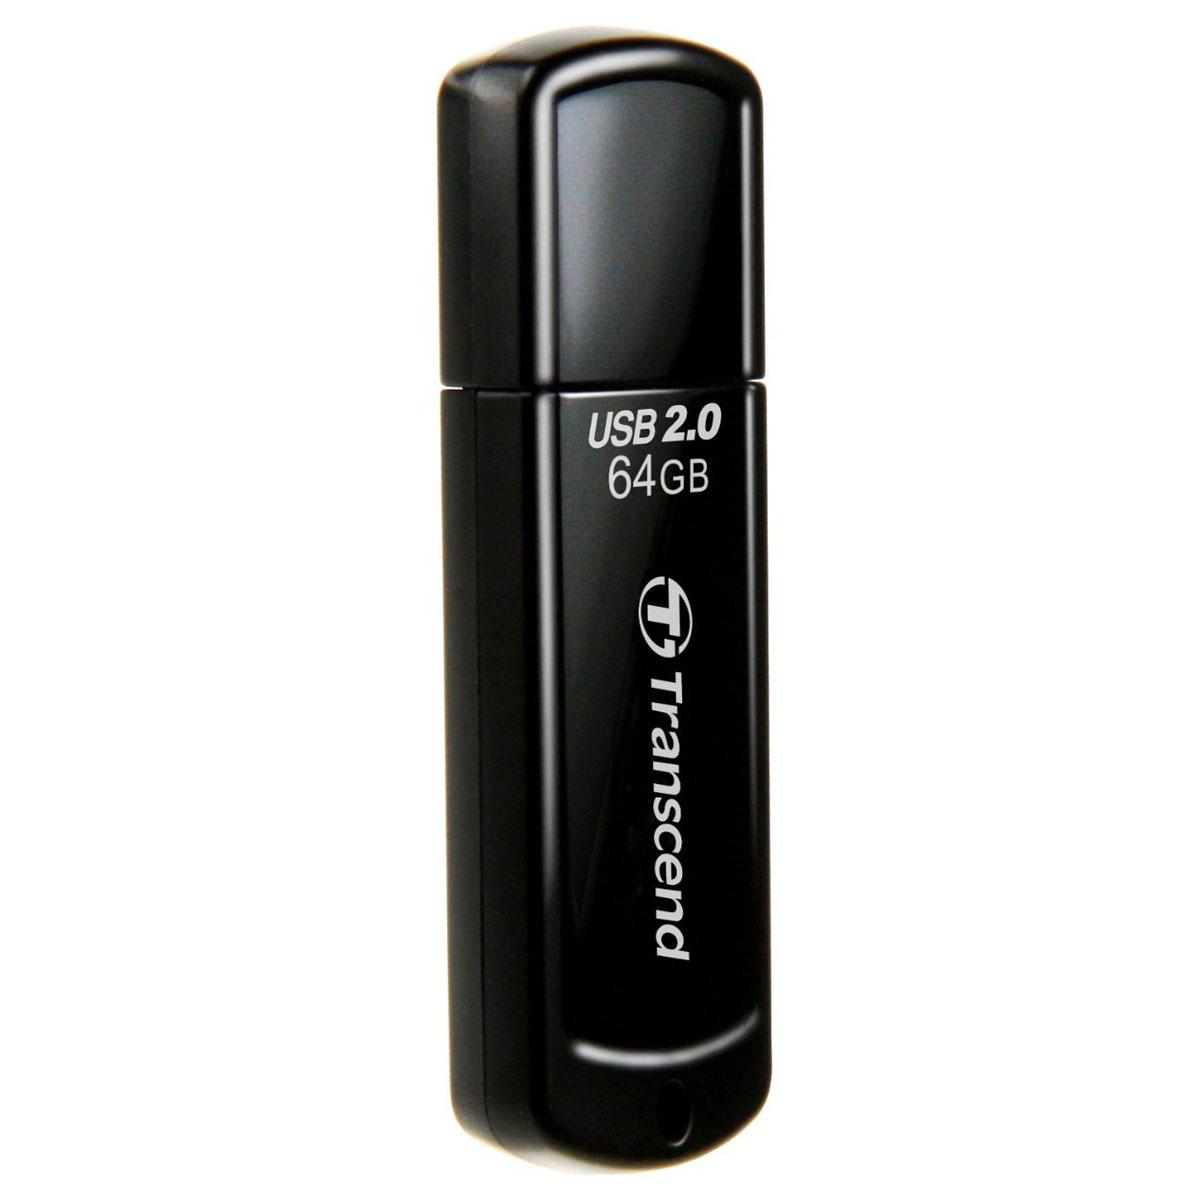 Transcend JetFlash 350 64GB USB-накопительTS64GJF350Флэш-накопитель Transcend JetFlash 350 - это устройство для хранения и переноса документации, фото, музыки и видео, которое с легкостью может поместиться у вас в кармане или кошельке. Это устройство выполнено в простом и элегантном корпусе из пластика, поэтому флешка станет не только надежным помощником, но и оригинальным аксессуаром.